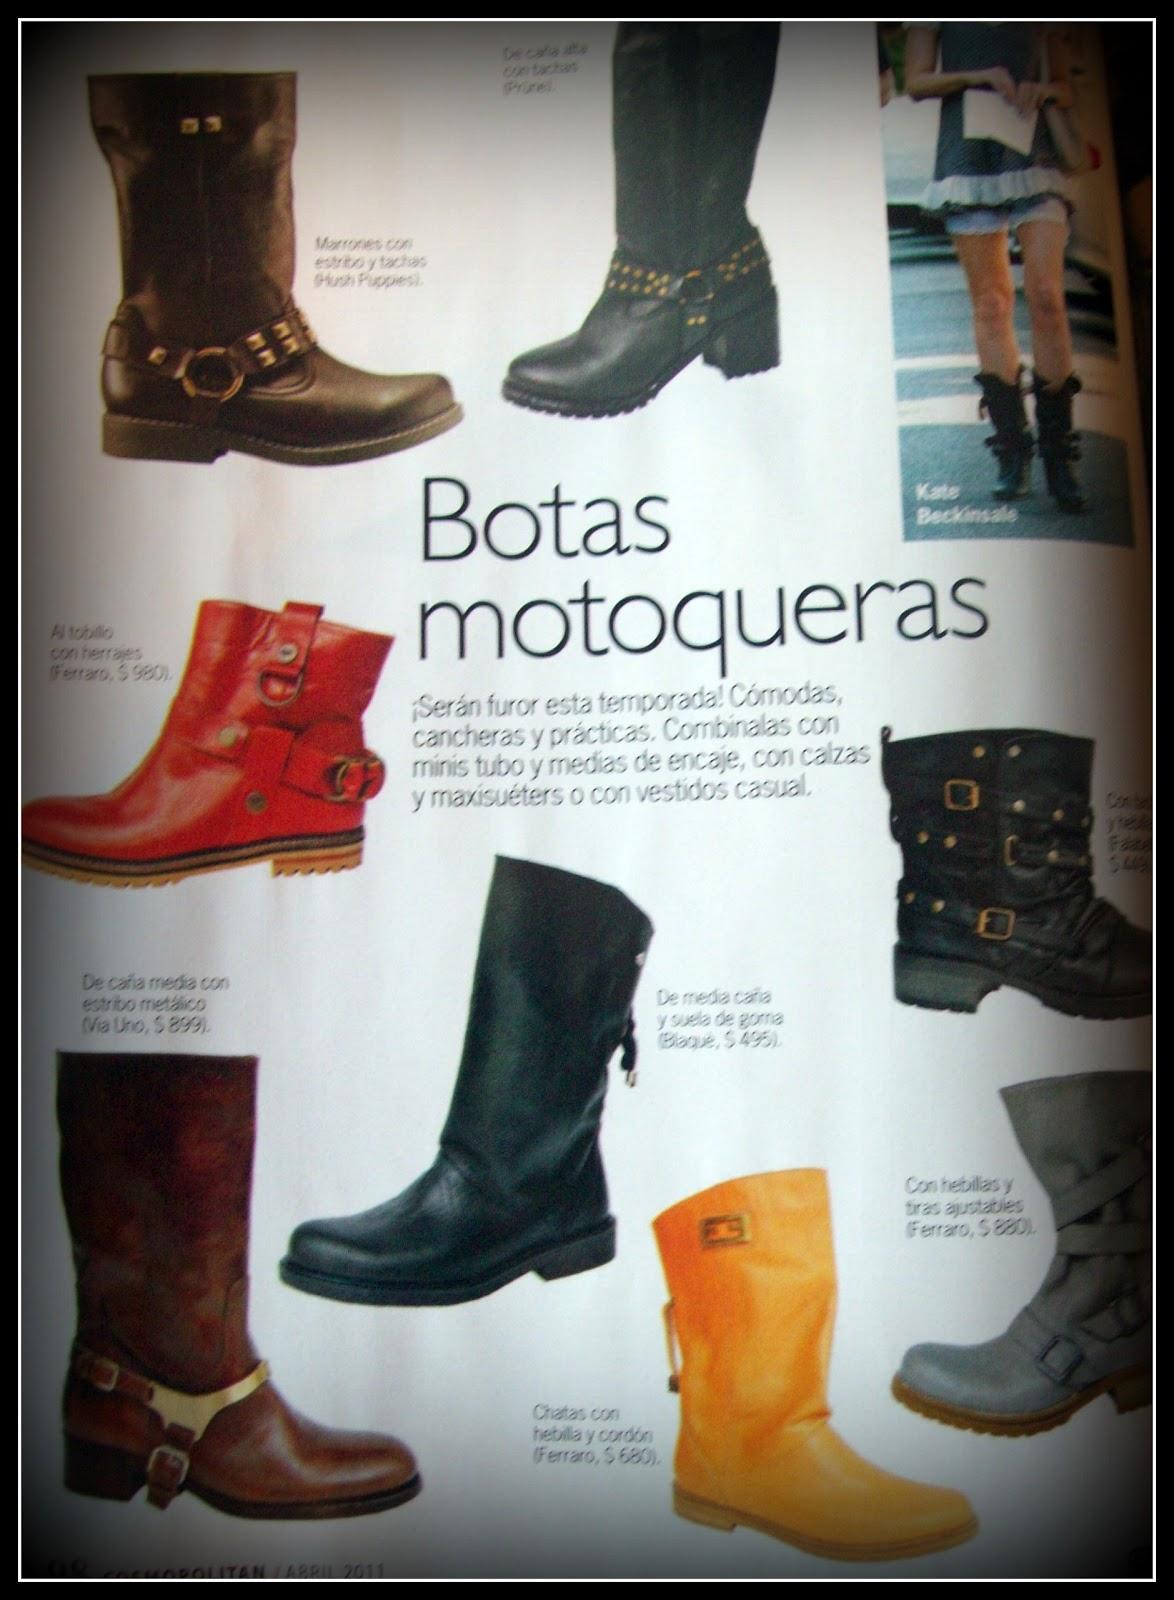 ... no me sentí nada identificada pero luego de observar looks en revistas  decidí salir de mis clásicas elecciones y fuí por un par de botas motoqueras . 538ab825a8d49